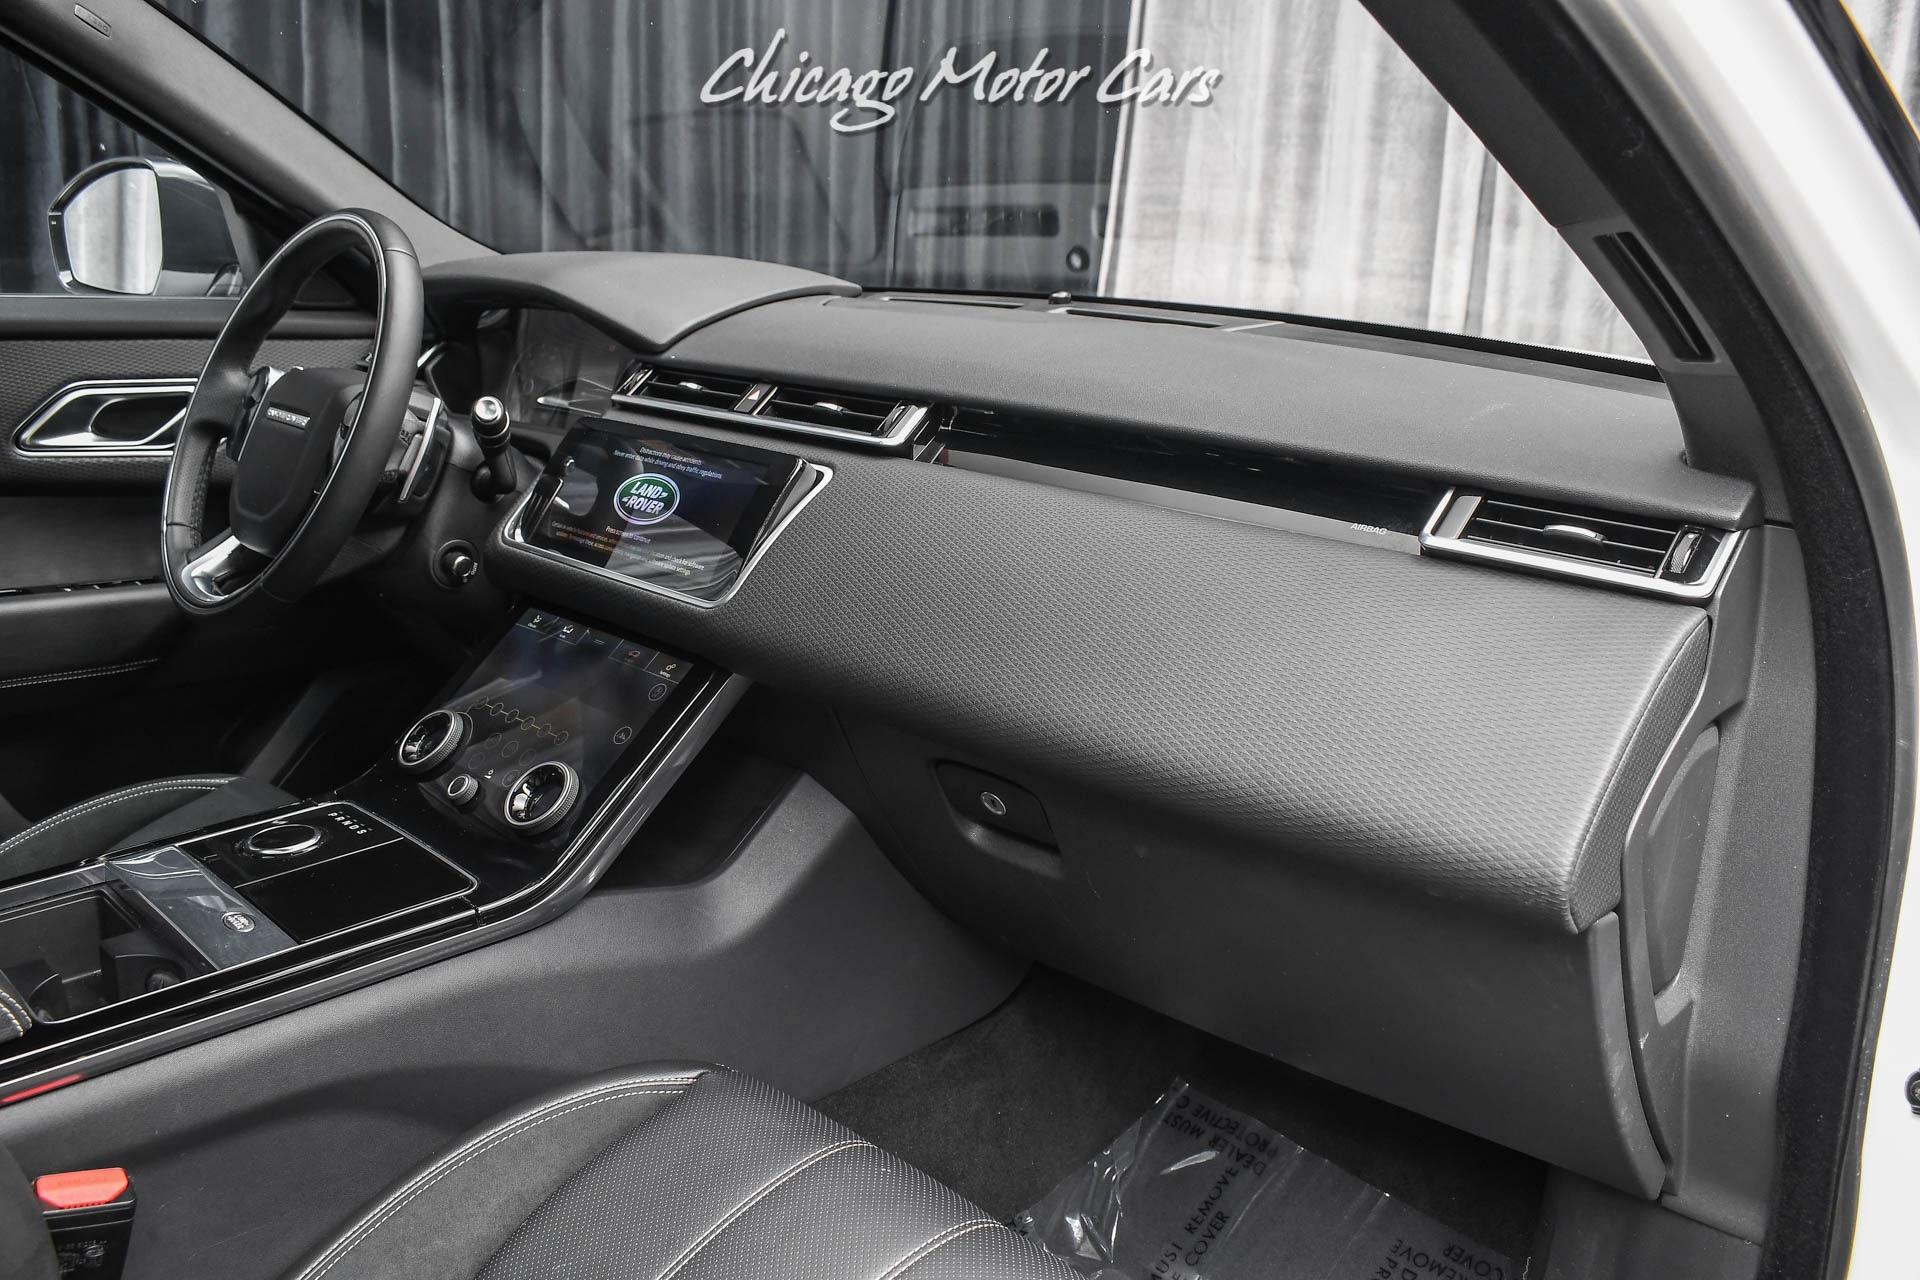 Used-2020-Land-Rover-Range-Rover-Velar-P340-R-Dynamic-S